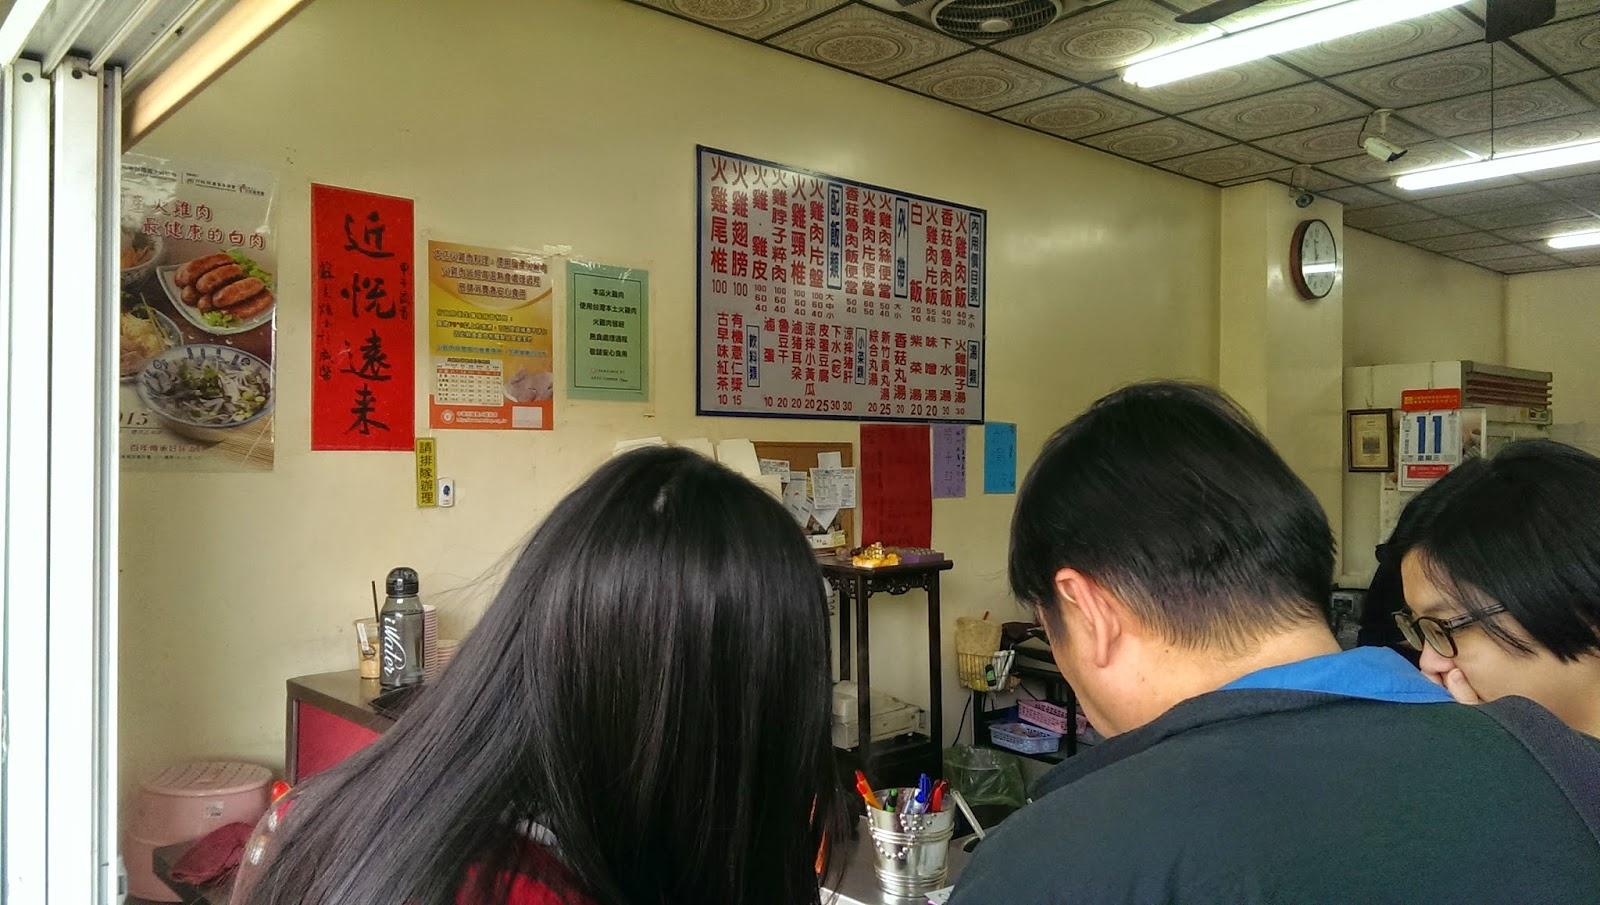 2015 02 11%2B11.32.44 - [食記] 微笑火雞肉飯 - 民雄出名的雞肉飯,自由時報曾評為嘉義雞肉飯第一!